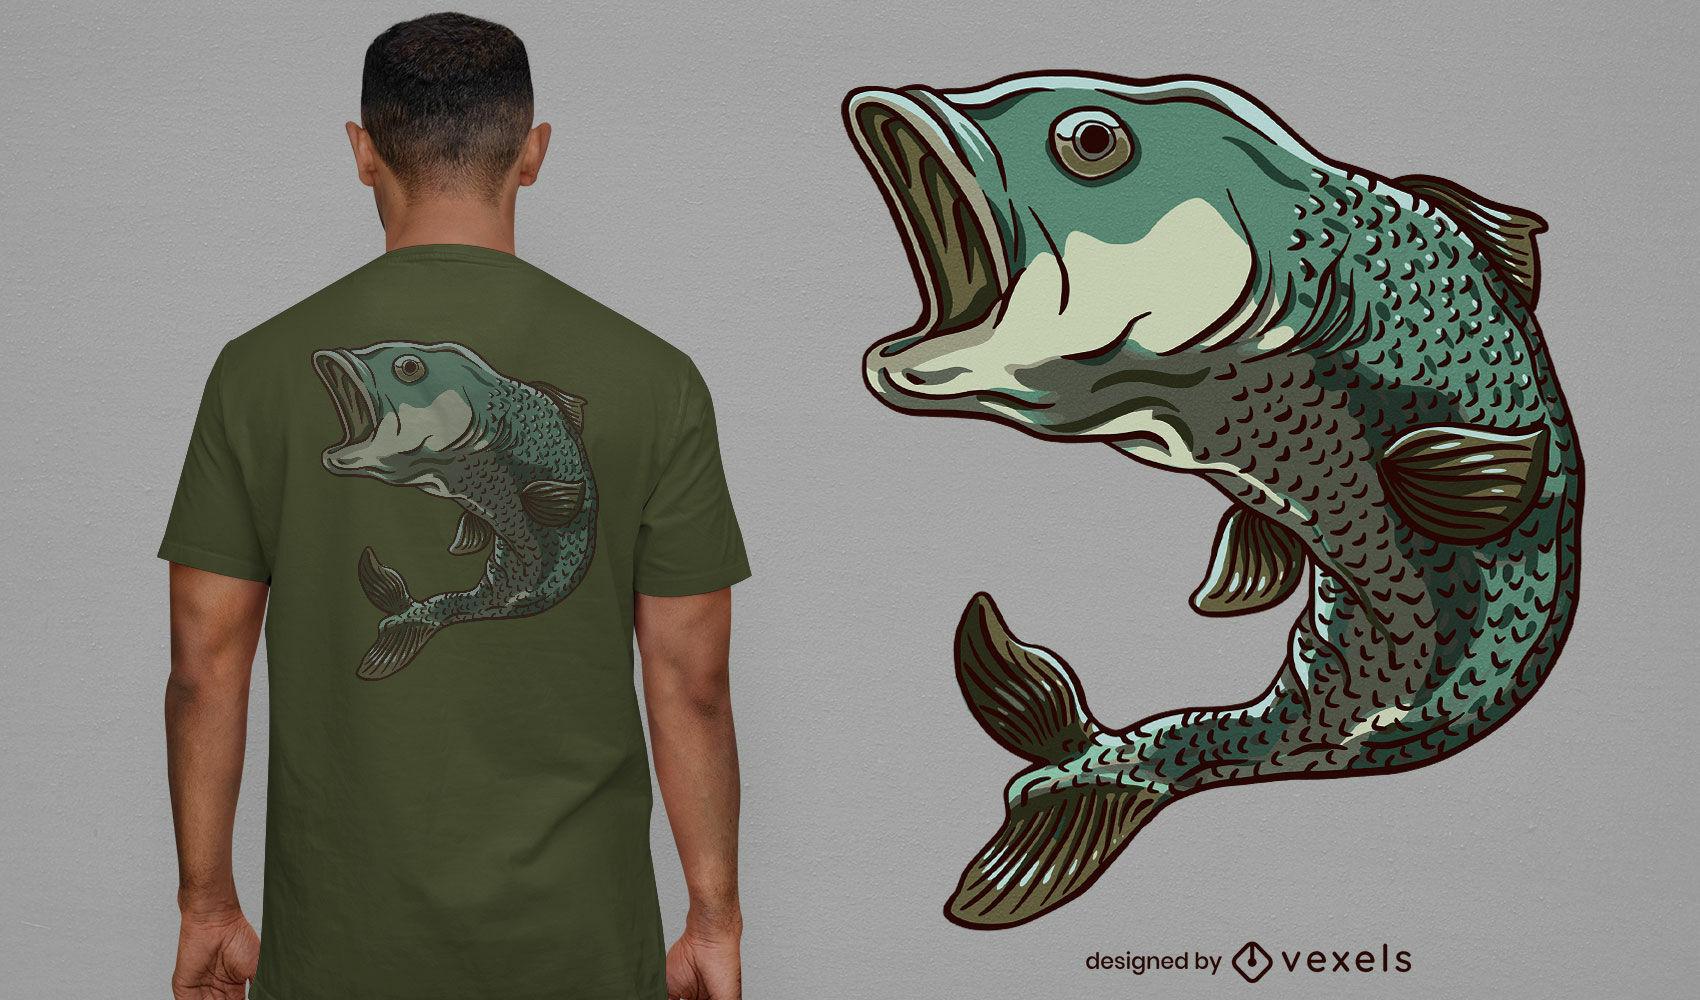 Dise?o de camiseta de pez lucioperca